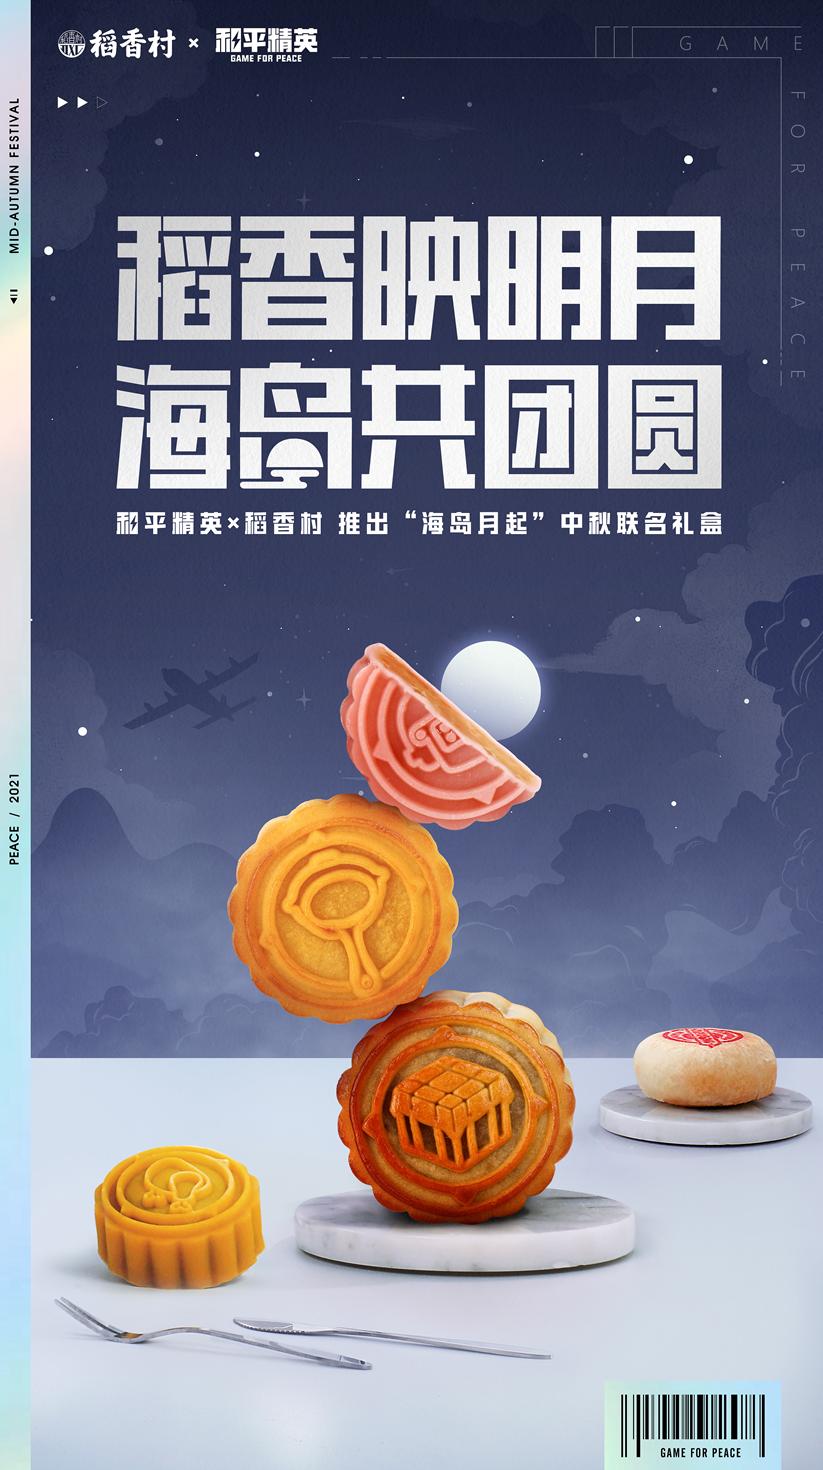 中秋有空投!《和平精英》携手稻香村推出中秋月饼礼盒